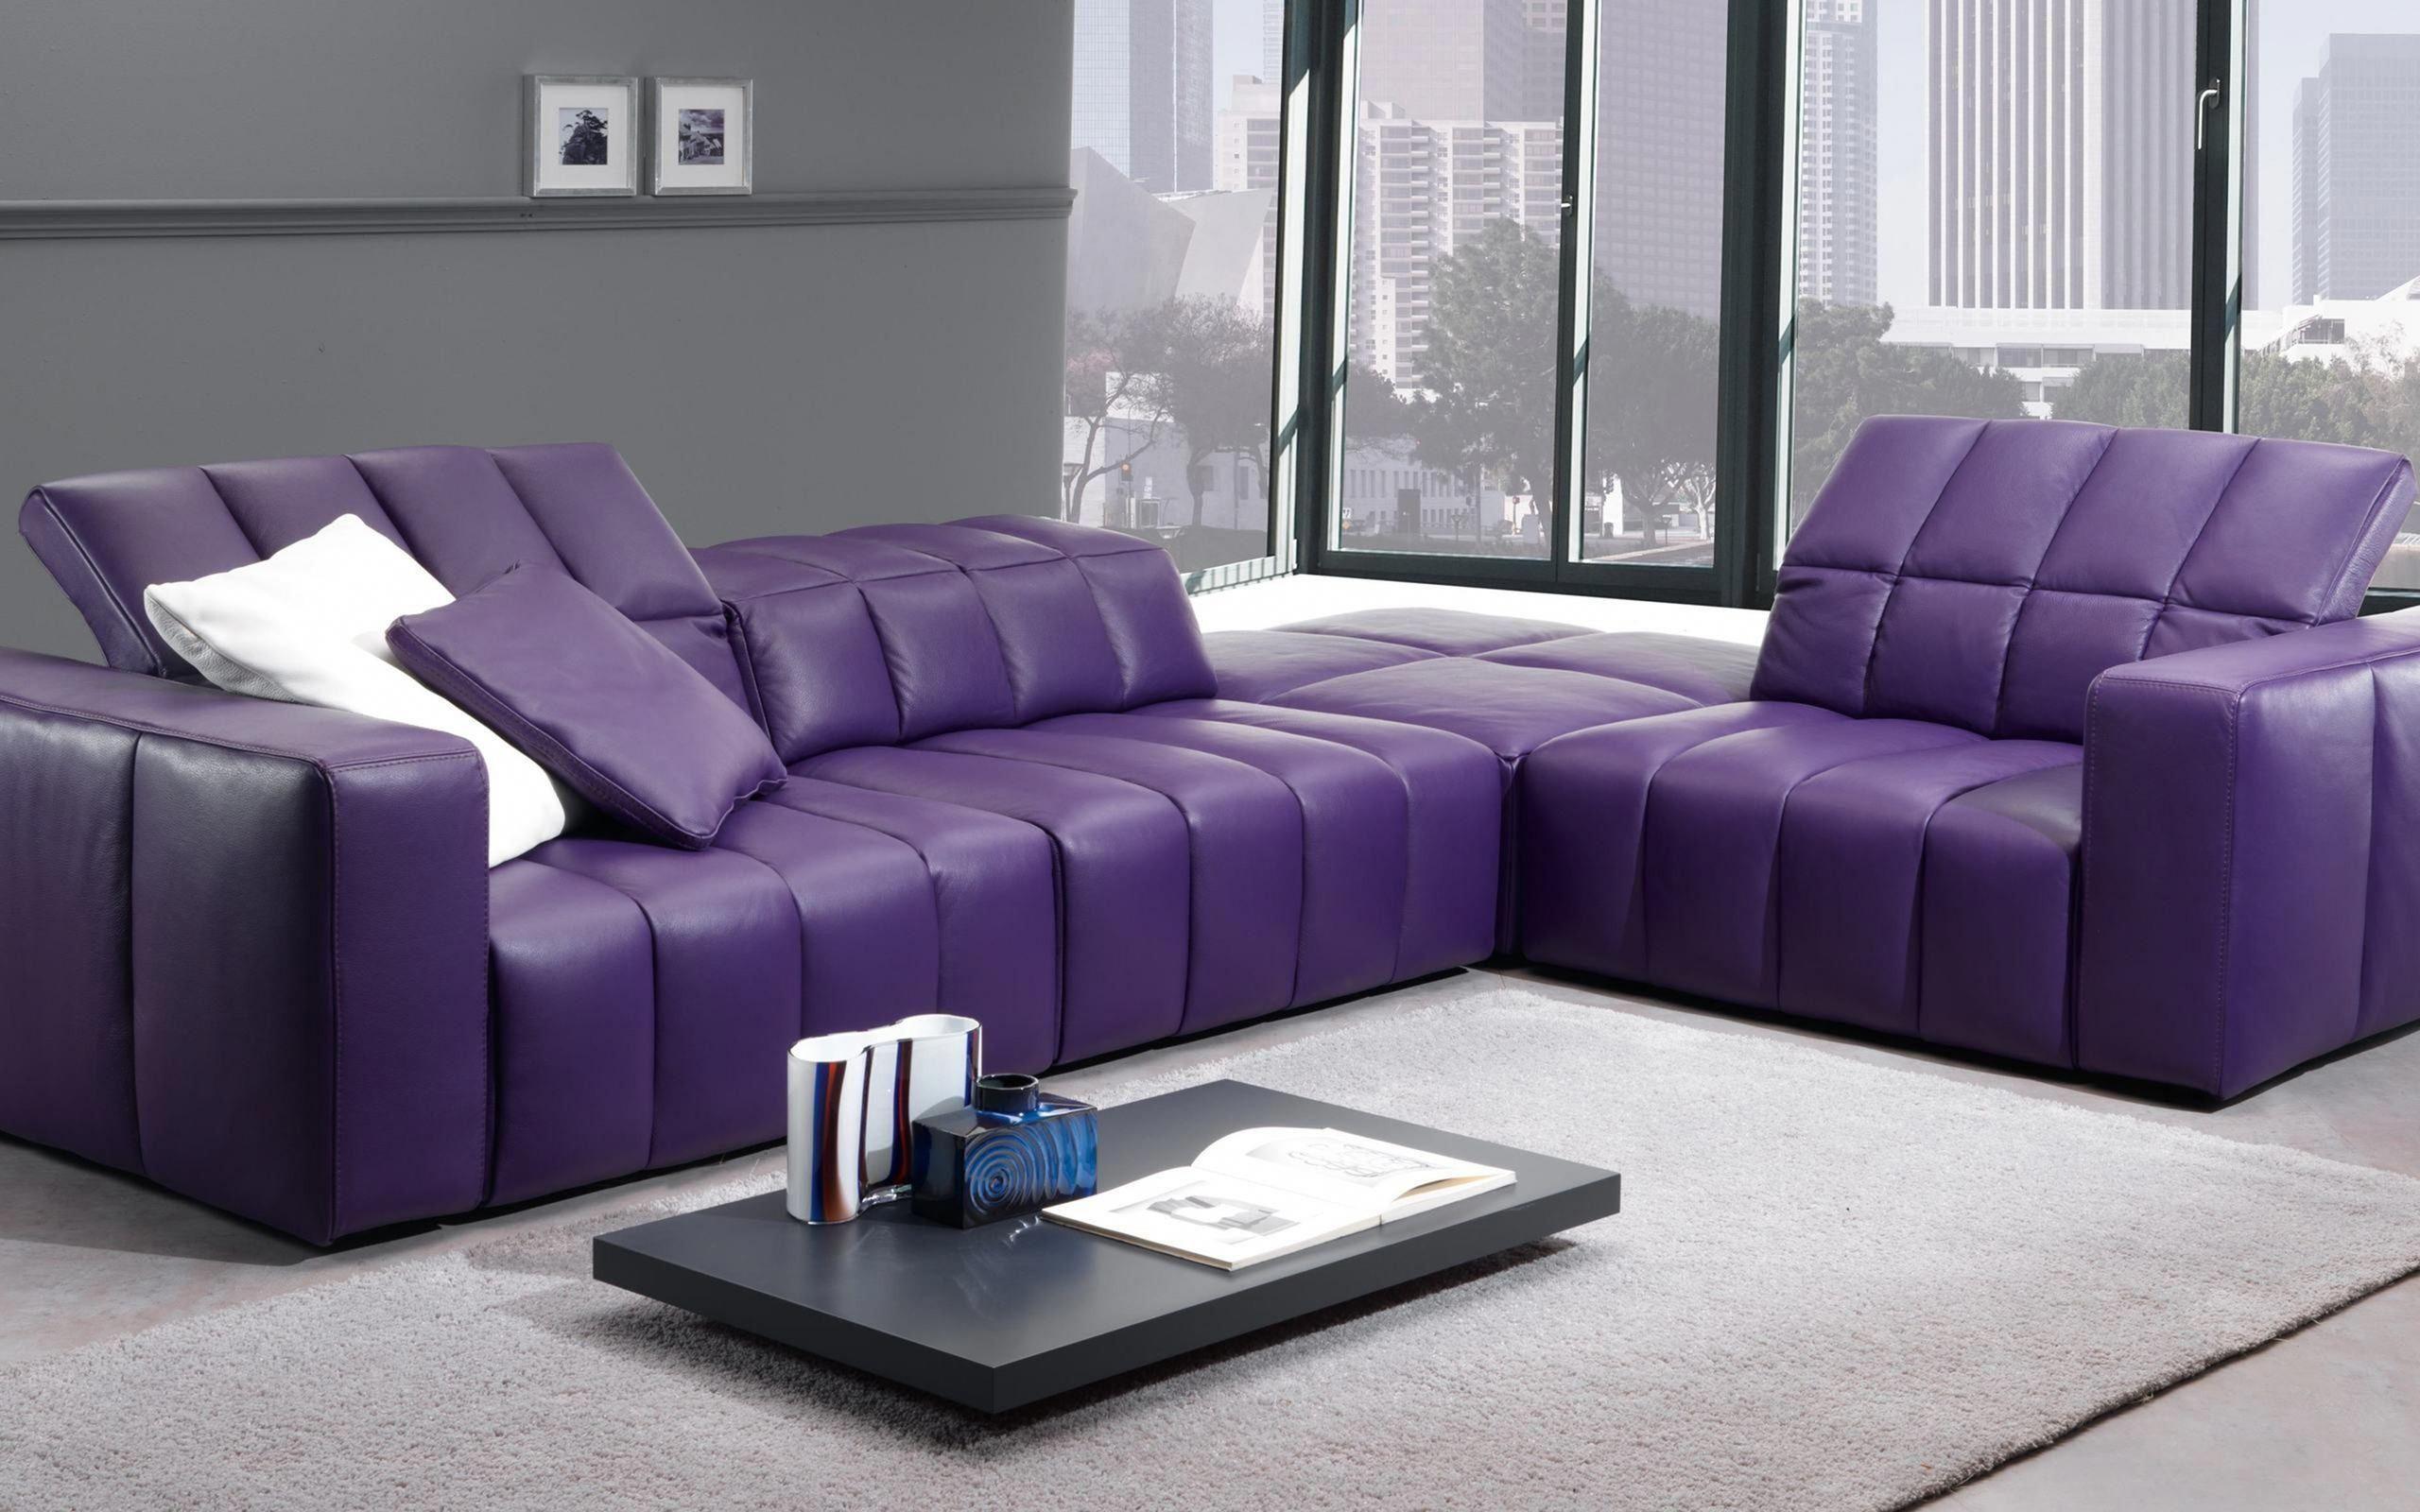 10 Superb Corner Sofa Patio Set Corner Sofa Sectional Furnitureterbaru Furniturejakarta Cornersofa Dizajn Divana Dizajn Mebeli Stili Dlya Gostinyh Komnat #purple #living #room #furniture #sets